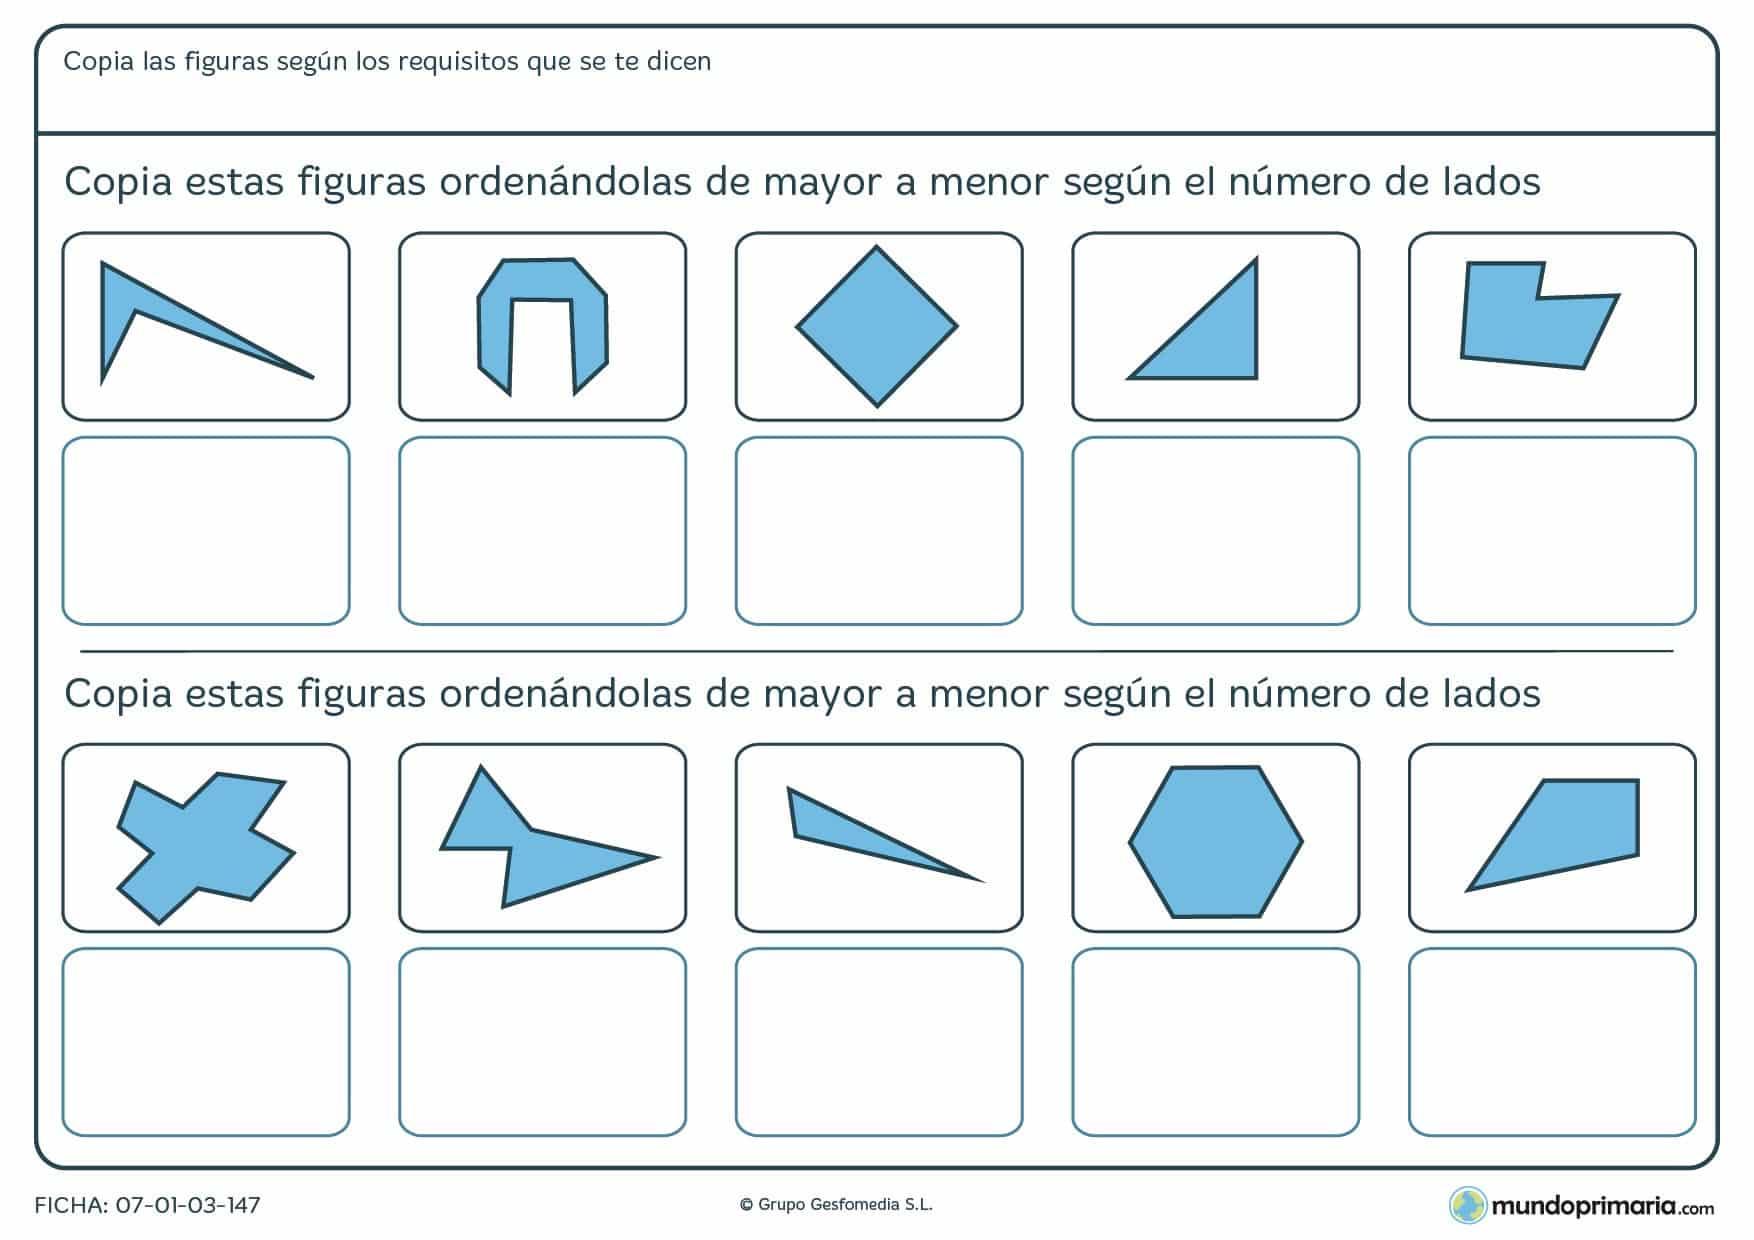 Ficha de orden de más lados a menos lados de figuras geométricas.